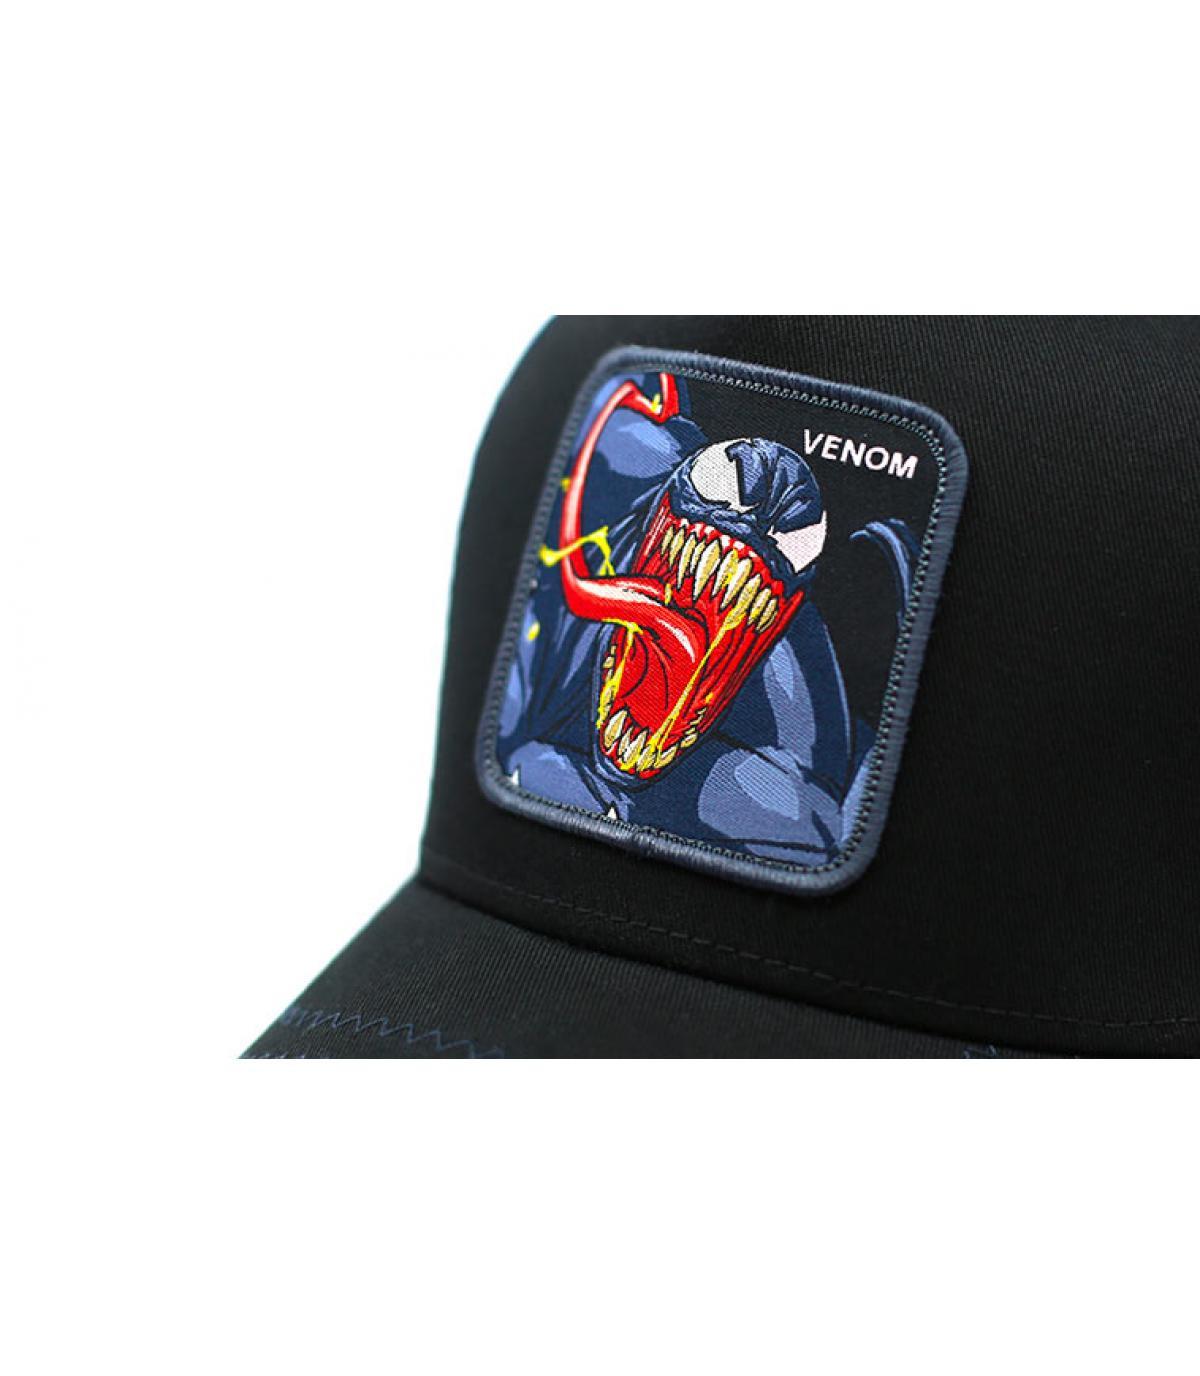 Détails Trucker Venom - image 3